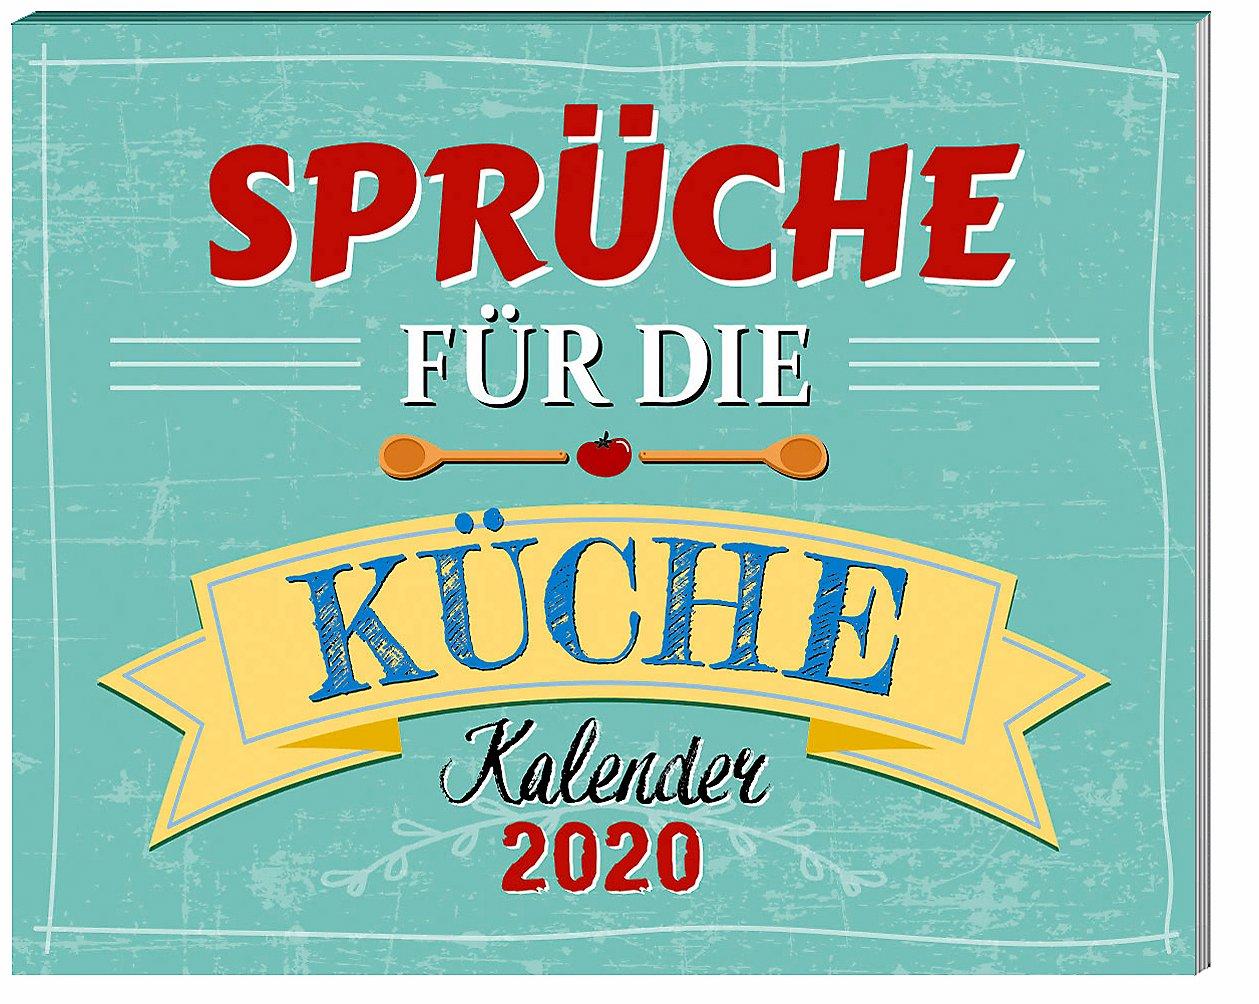 Sprüche für die Küche Kalender 2020 + 2 Blechschilder ...